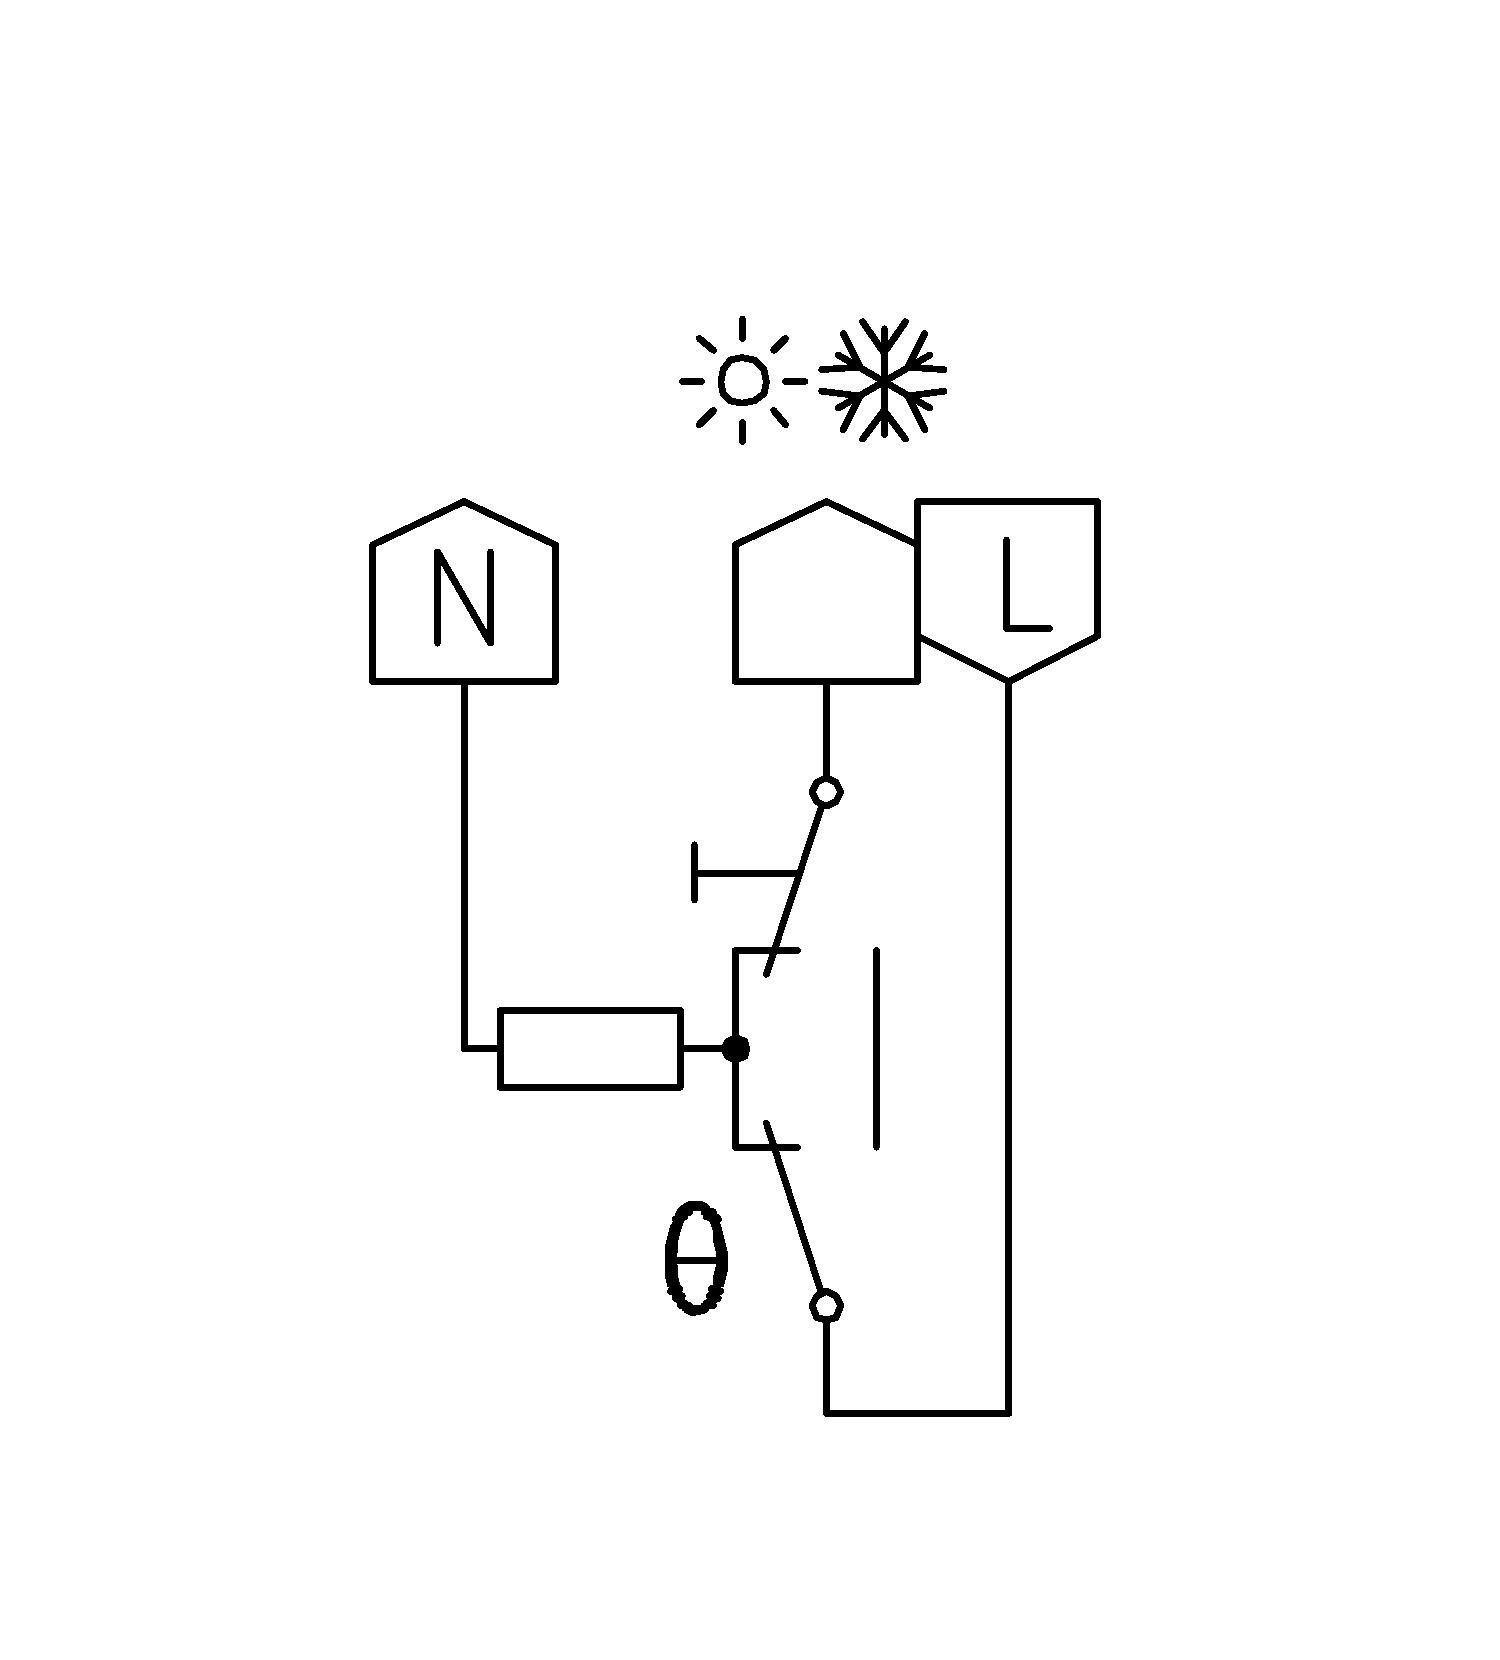 UA012600 Circuit diagram